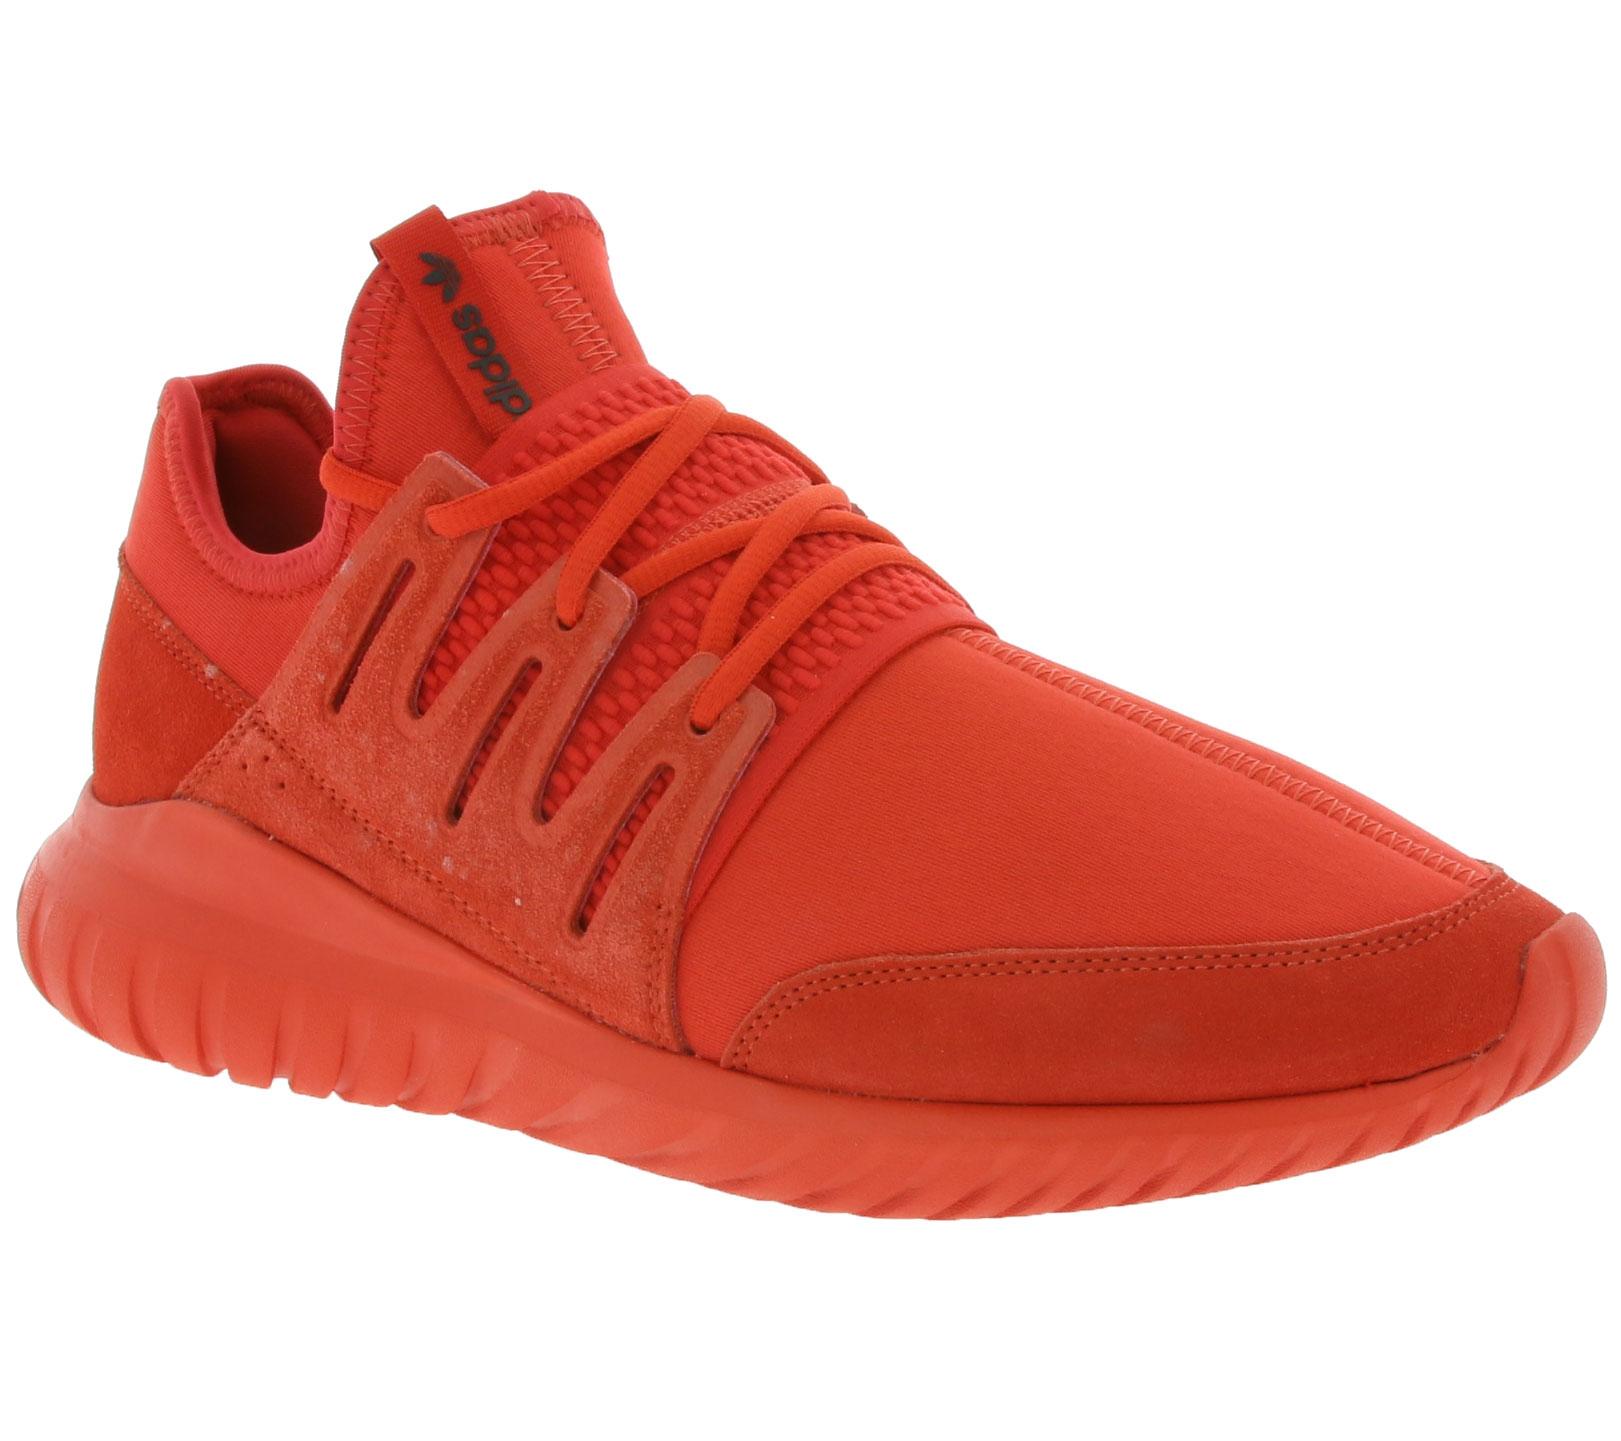 Adidas Tubular Radial Rot